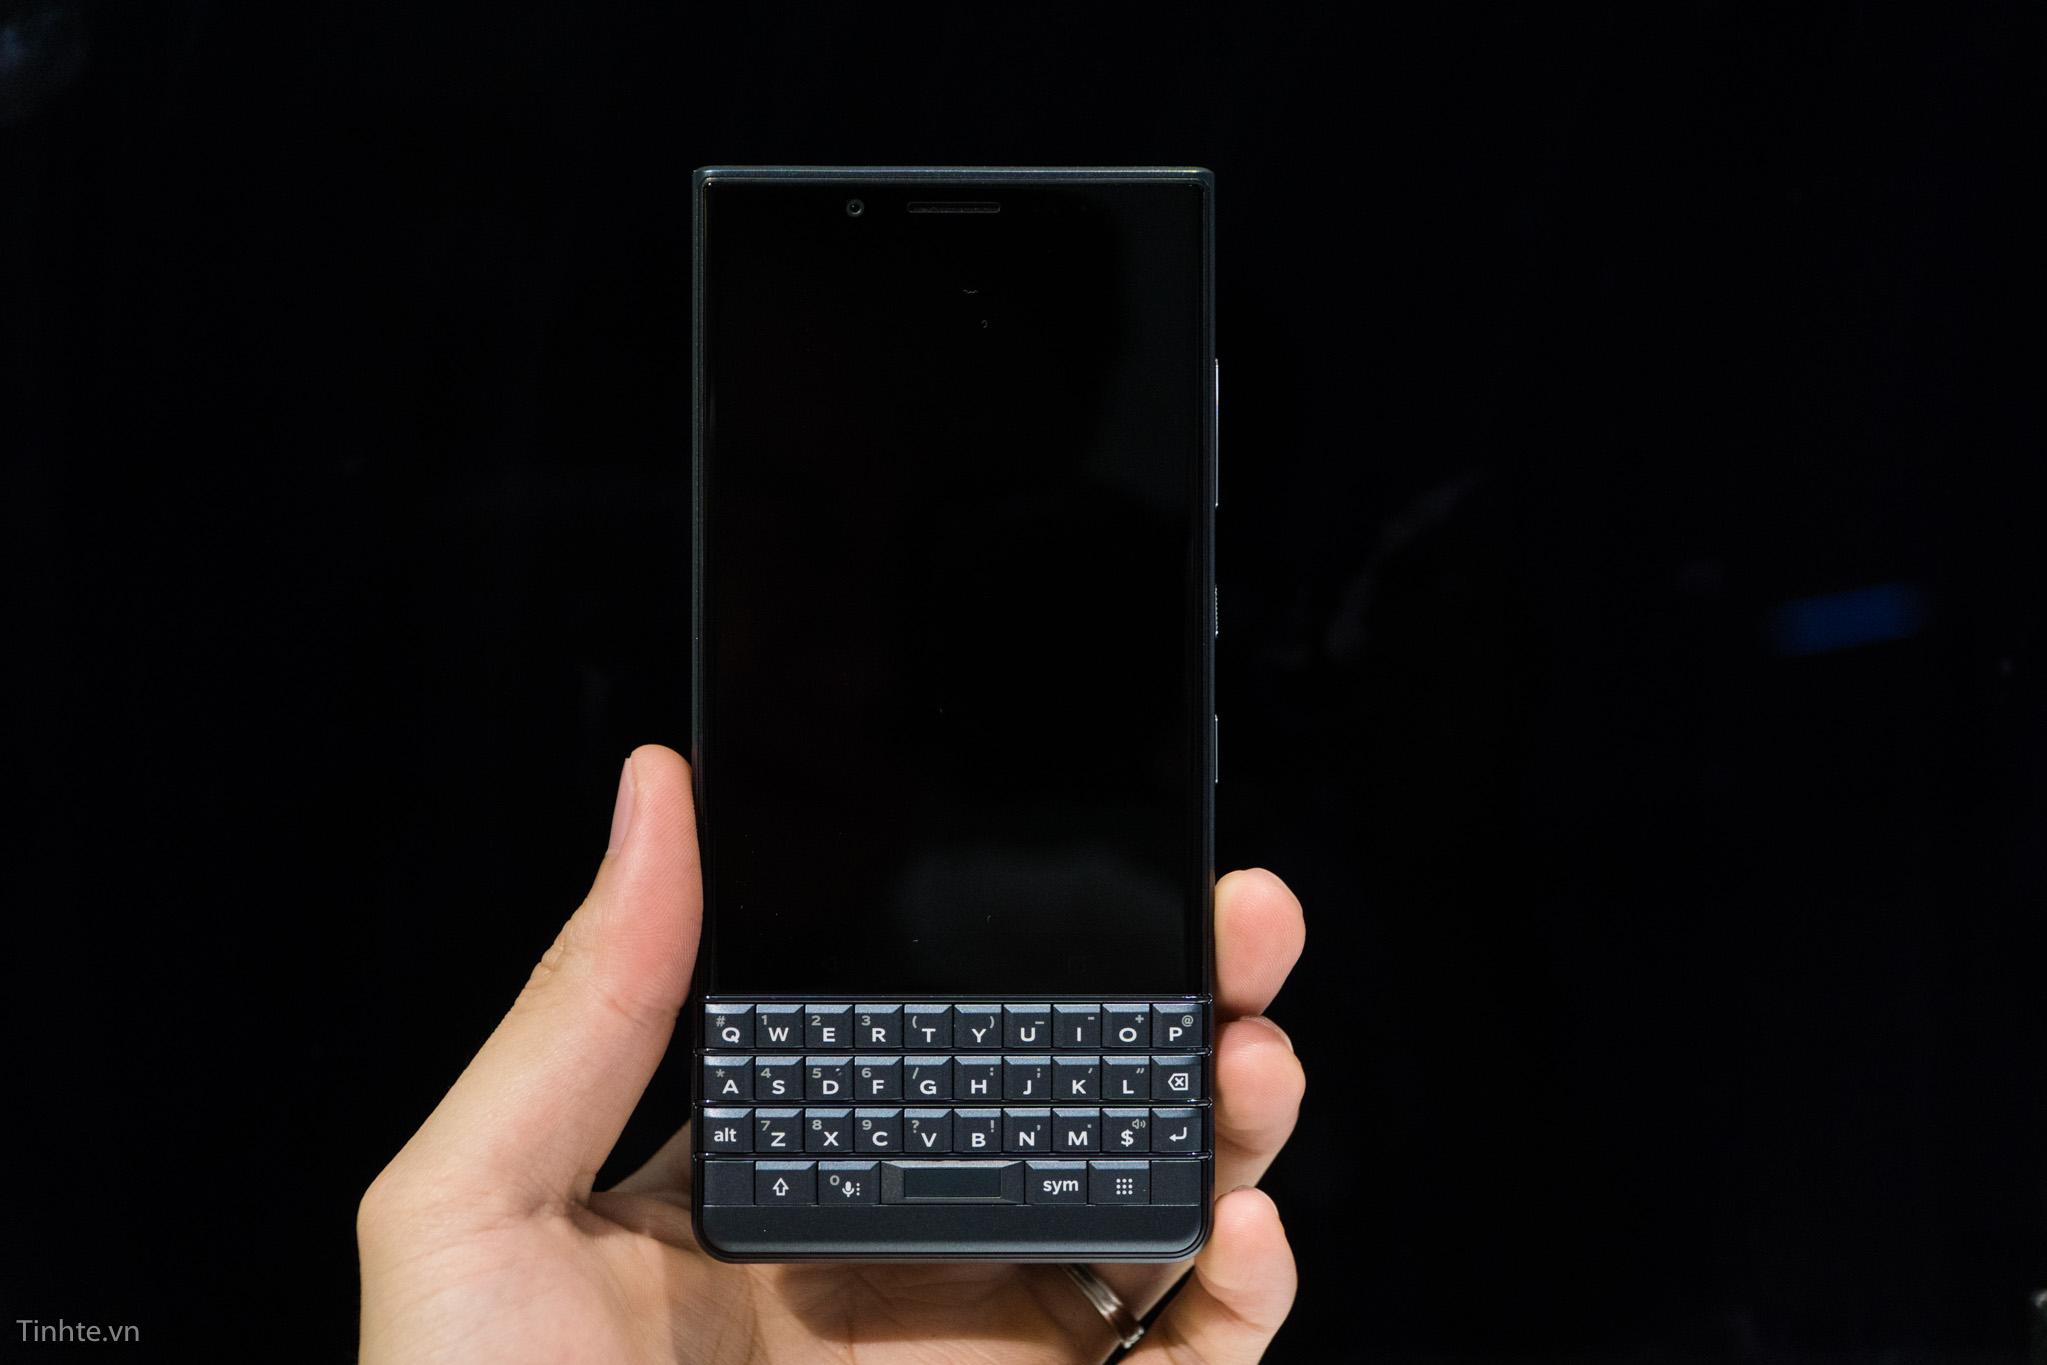 tinhte_blackberry_key2_le-12.jpg